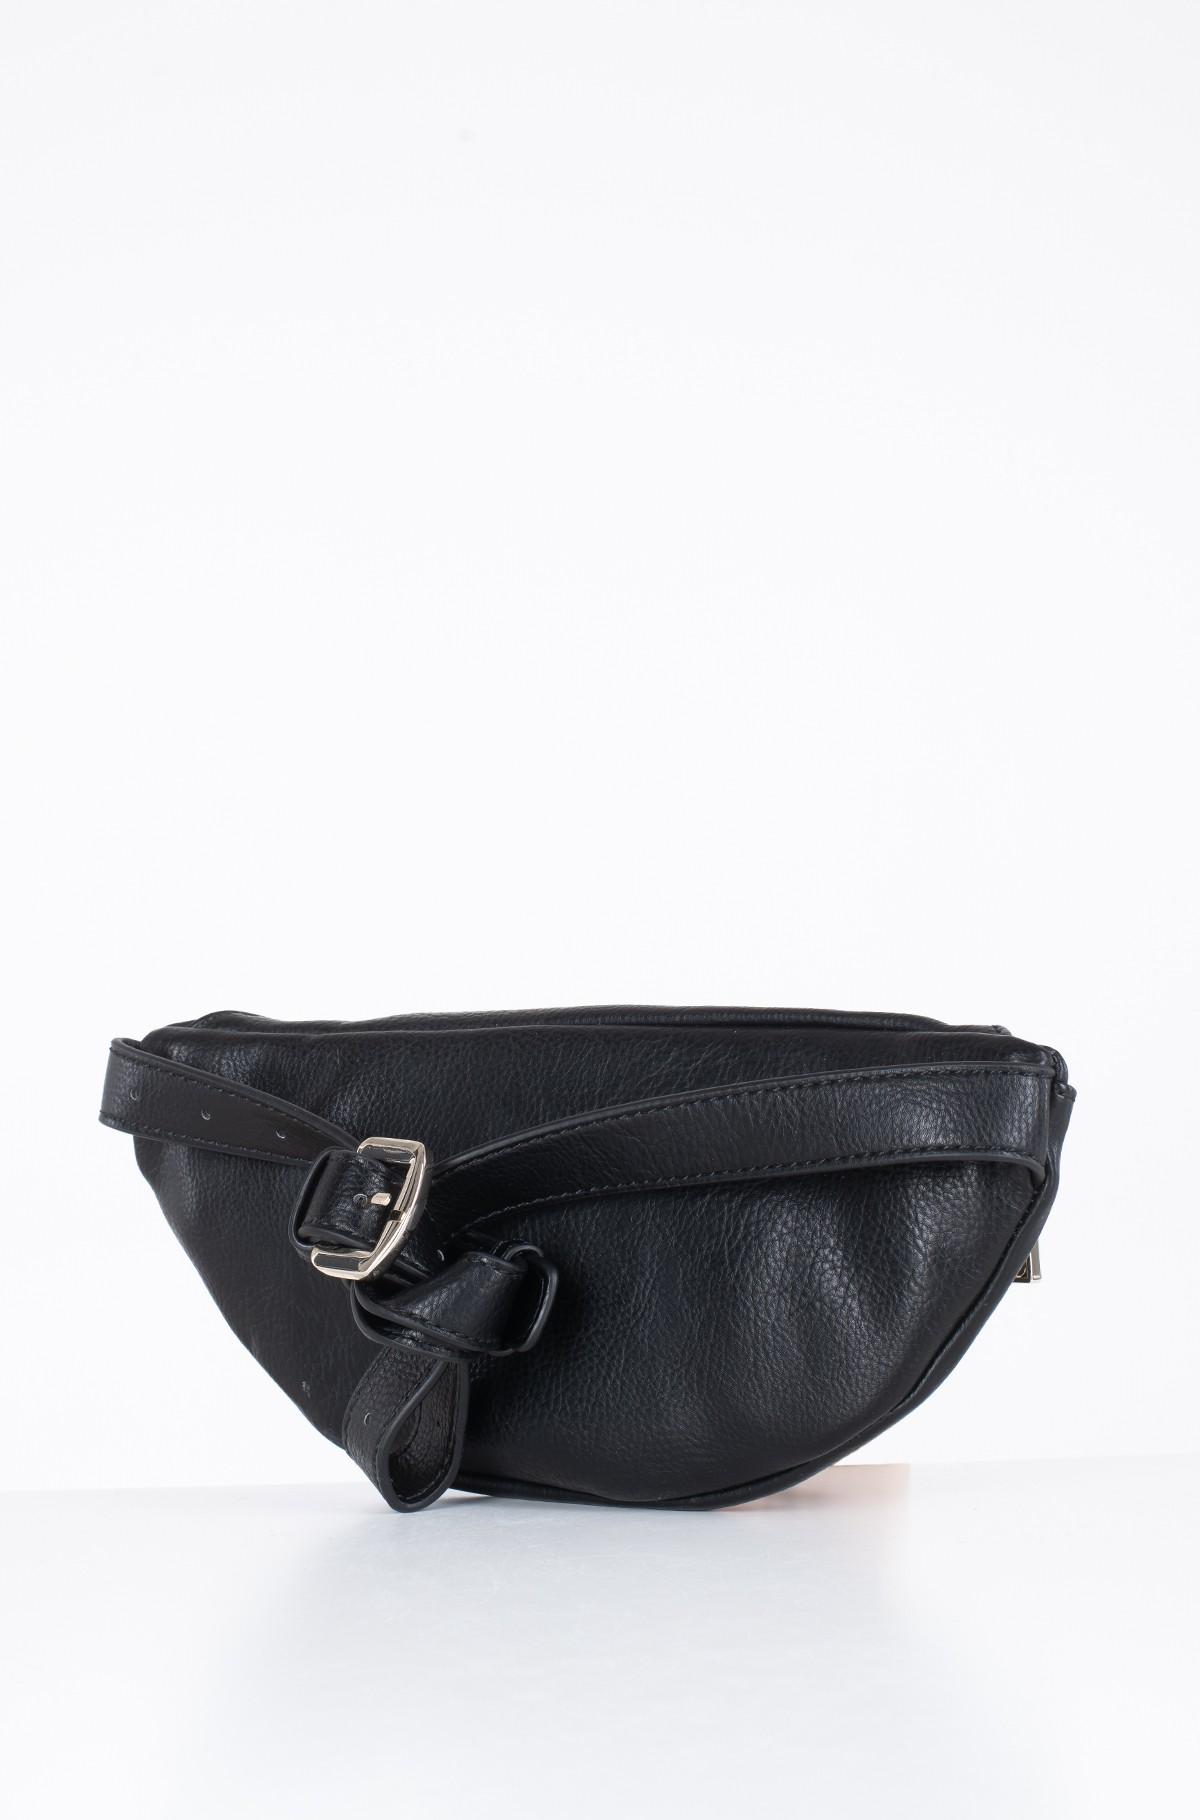 Bum bag HWVS69 94800-full-2